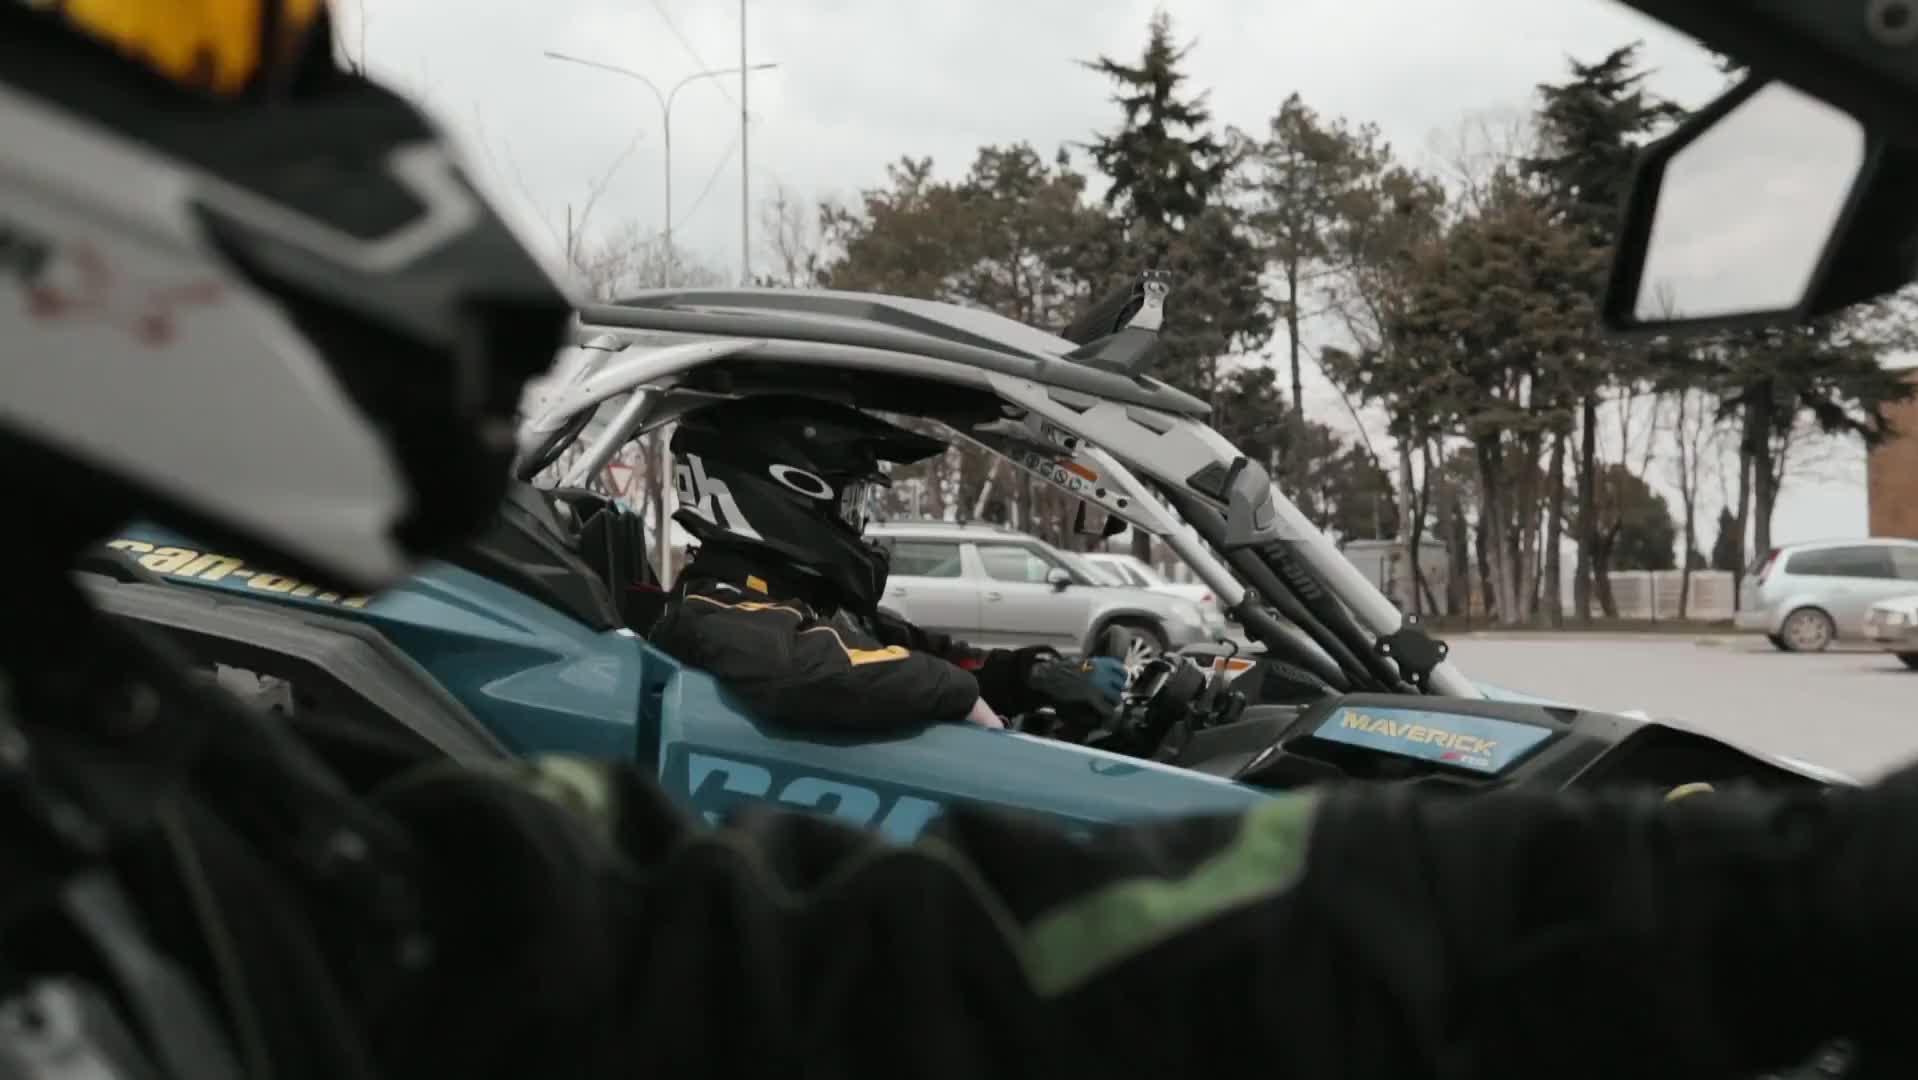 Эксклюзивное путешествие  по горному Крыму за рулем багги BRP CAN-AM MAVERICK X3 RR 2020-21 - видео 2